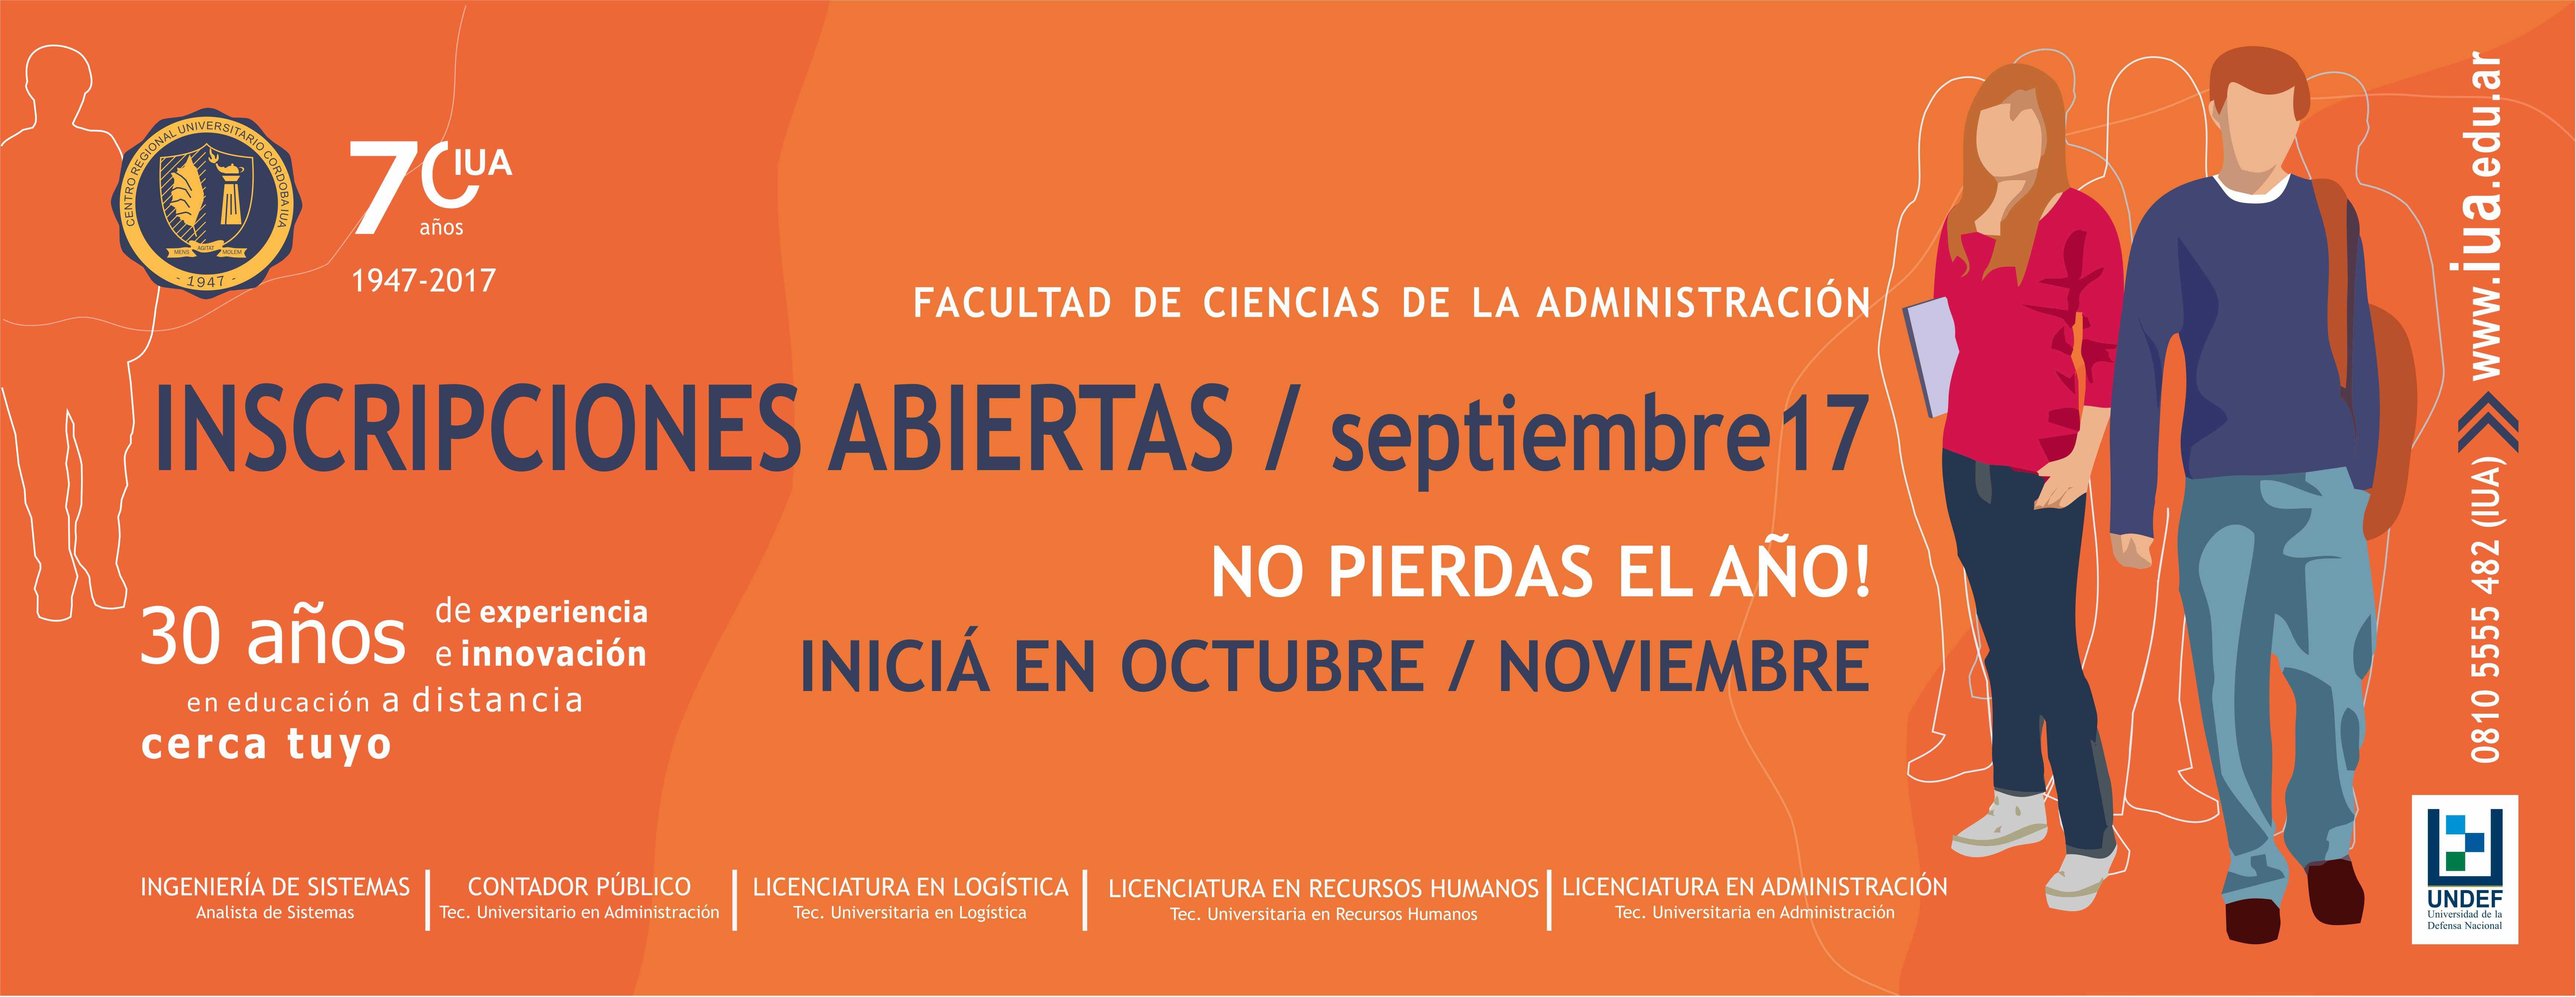 Inscripciones septiembre 2017 - Facultad de Ciencias de la Administración